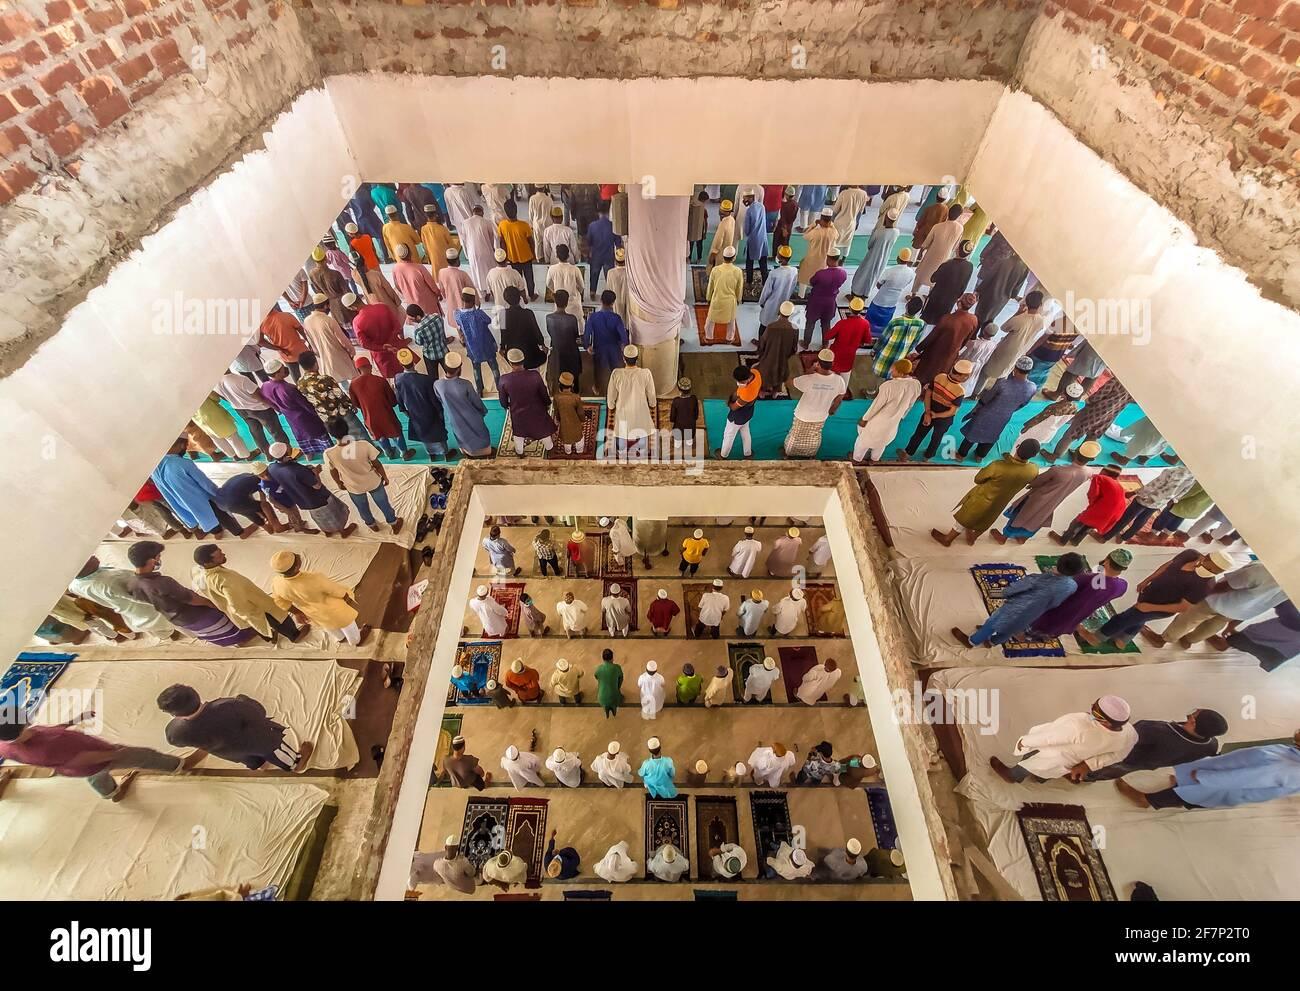 Barishal, Barishal, Bangladesh. 9 Apr 2021. Nonostante la situazione di blocco in Bangladesh a causa di un aumento della quantità di pazienti Covid-19 ogni giorno e i decessi sono aumentati in cima, ancora la gente non mantiene una distanza sociale minima per pregare la loro preghiera musulmana Jummah in una moschea a Barishal City. Credit: Mustasinur Rahman Alvi/ZUMA Wire/Alamy Live News Foto Stock